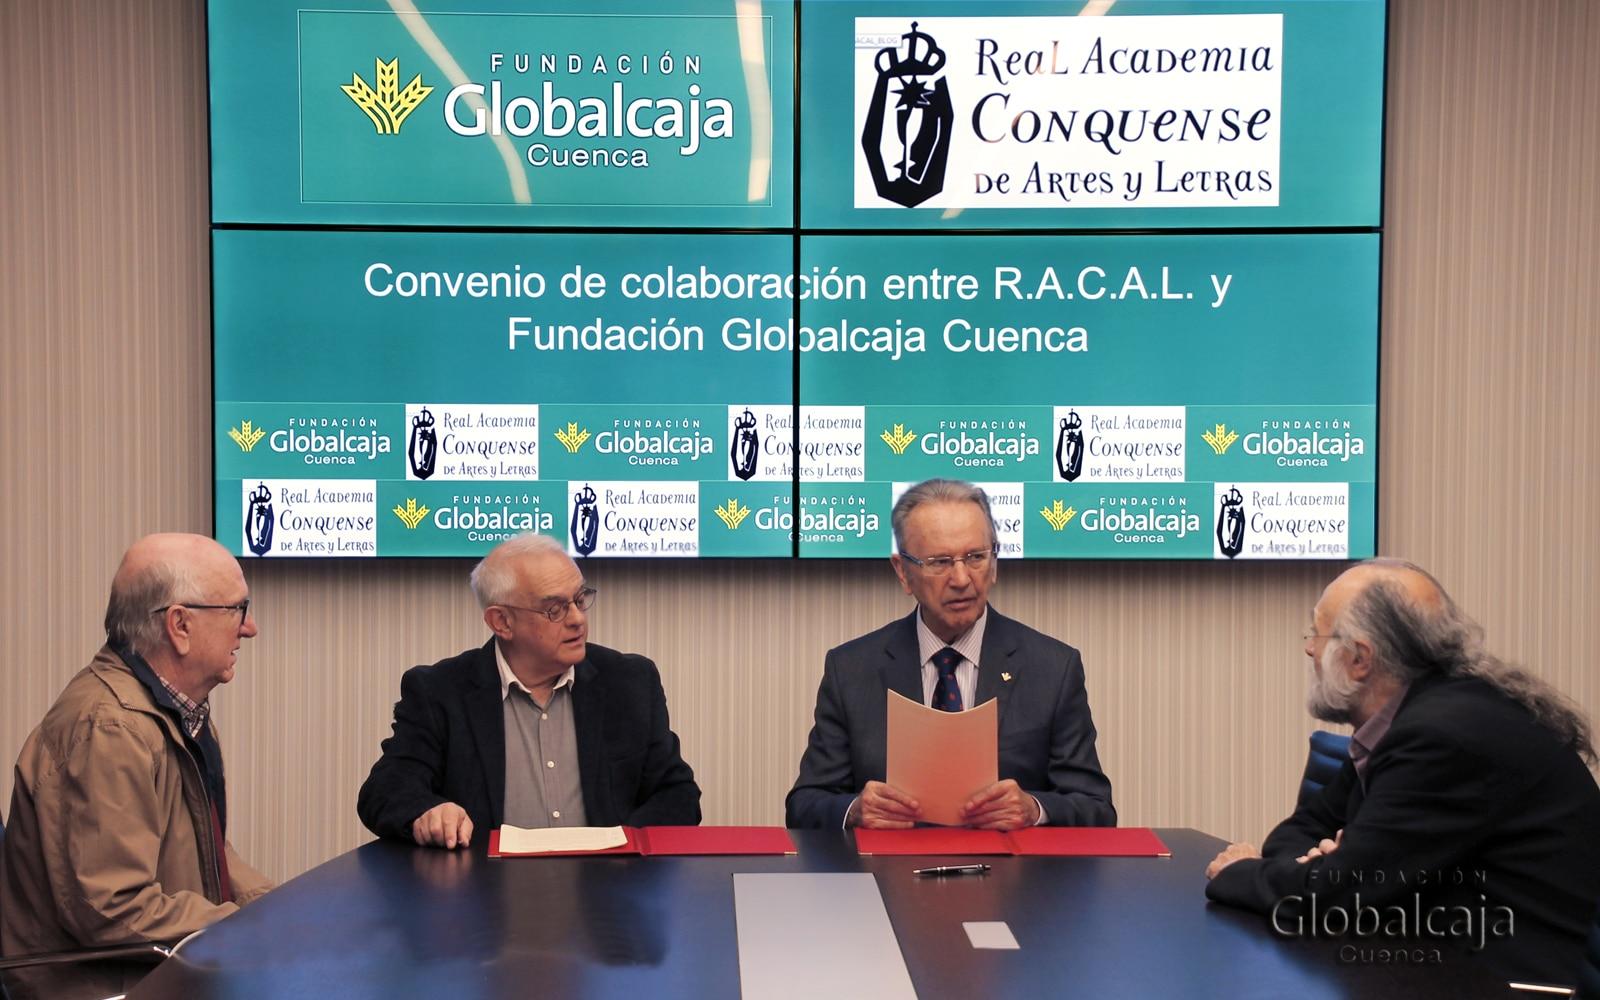 https://blog.globalcaja.es/wp-content/uploads/2017/11/Racal-Cuenca.jpg